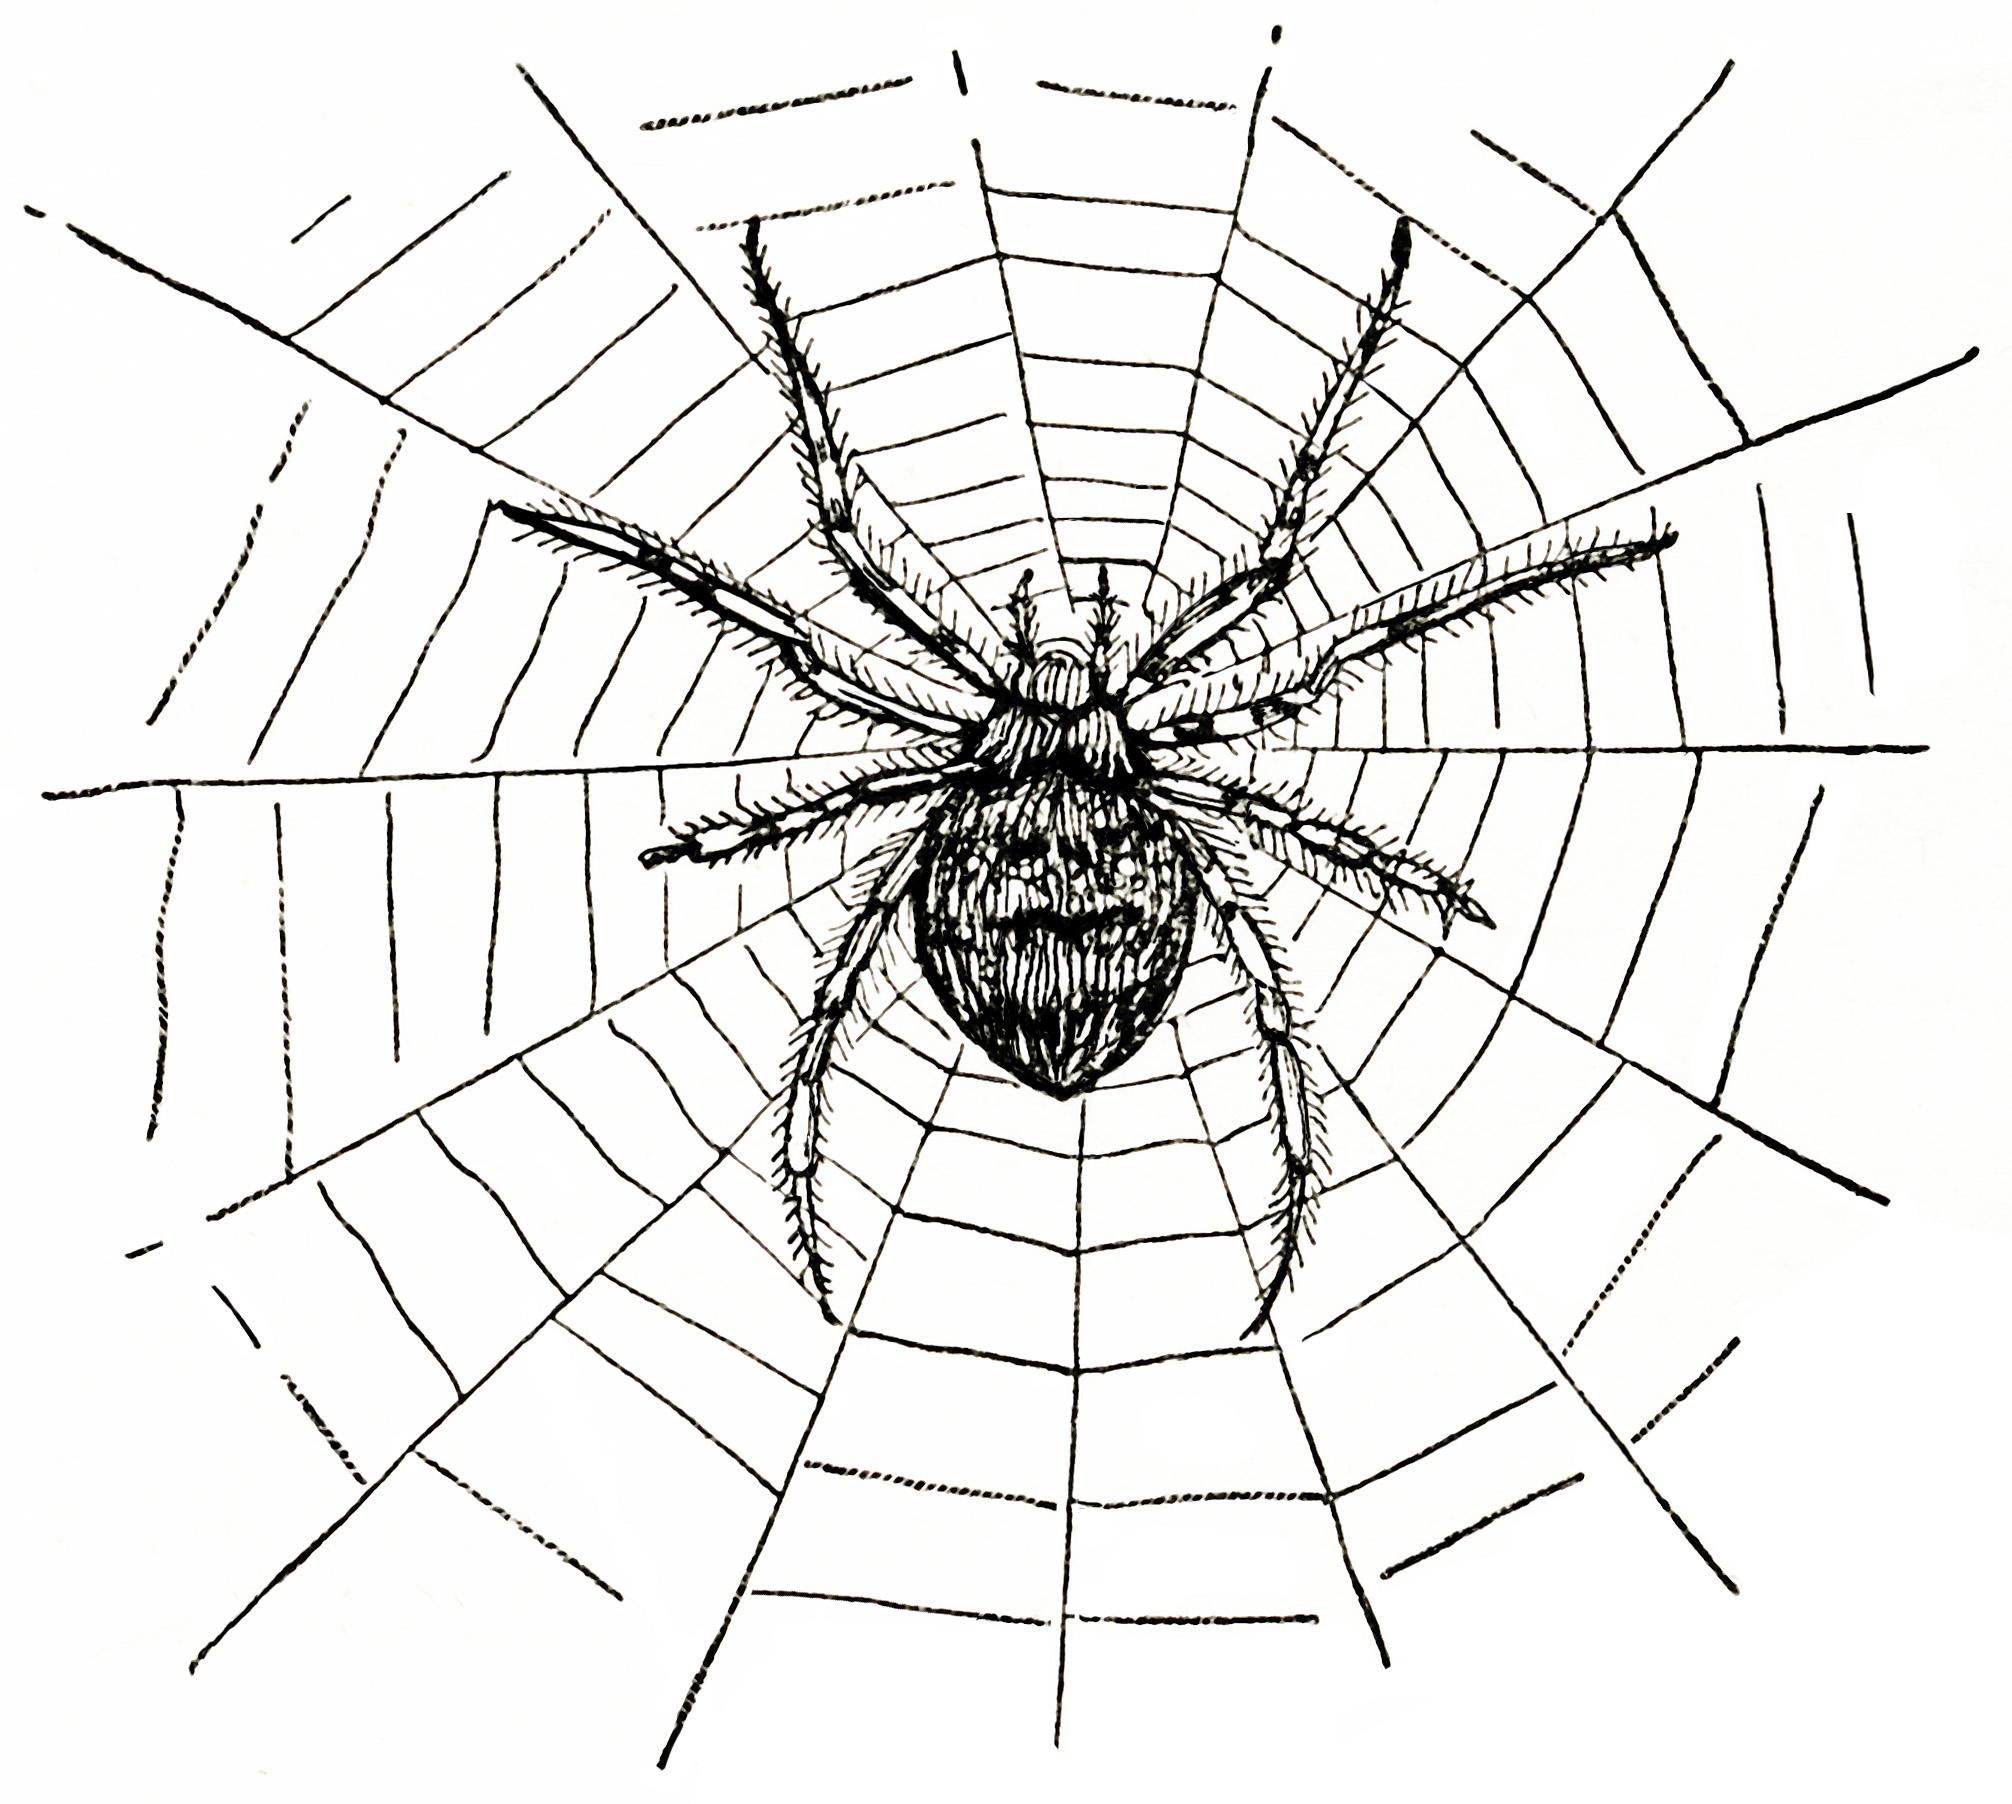 http://olddesignshop.com/wp-content/uploads/2012/09/OldDesignShop_SpiderOnWeb.jpg